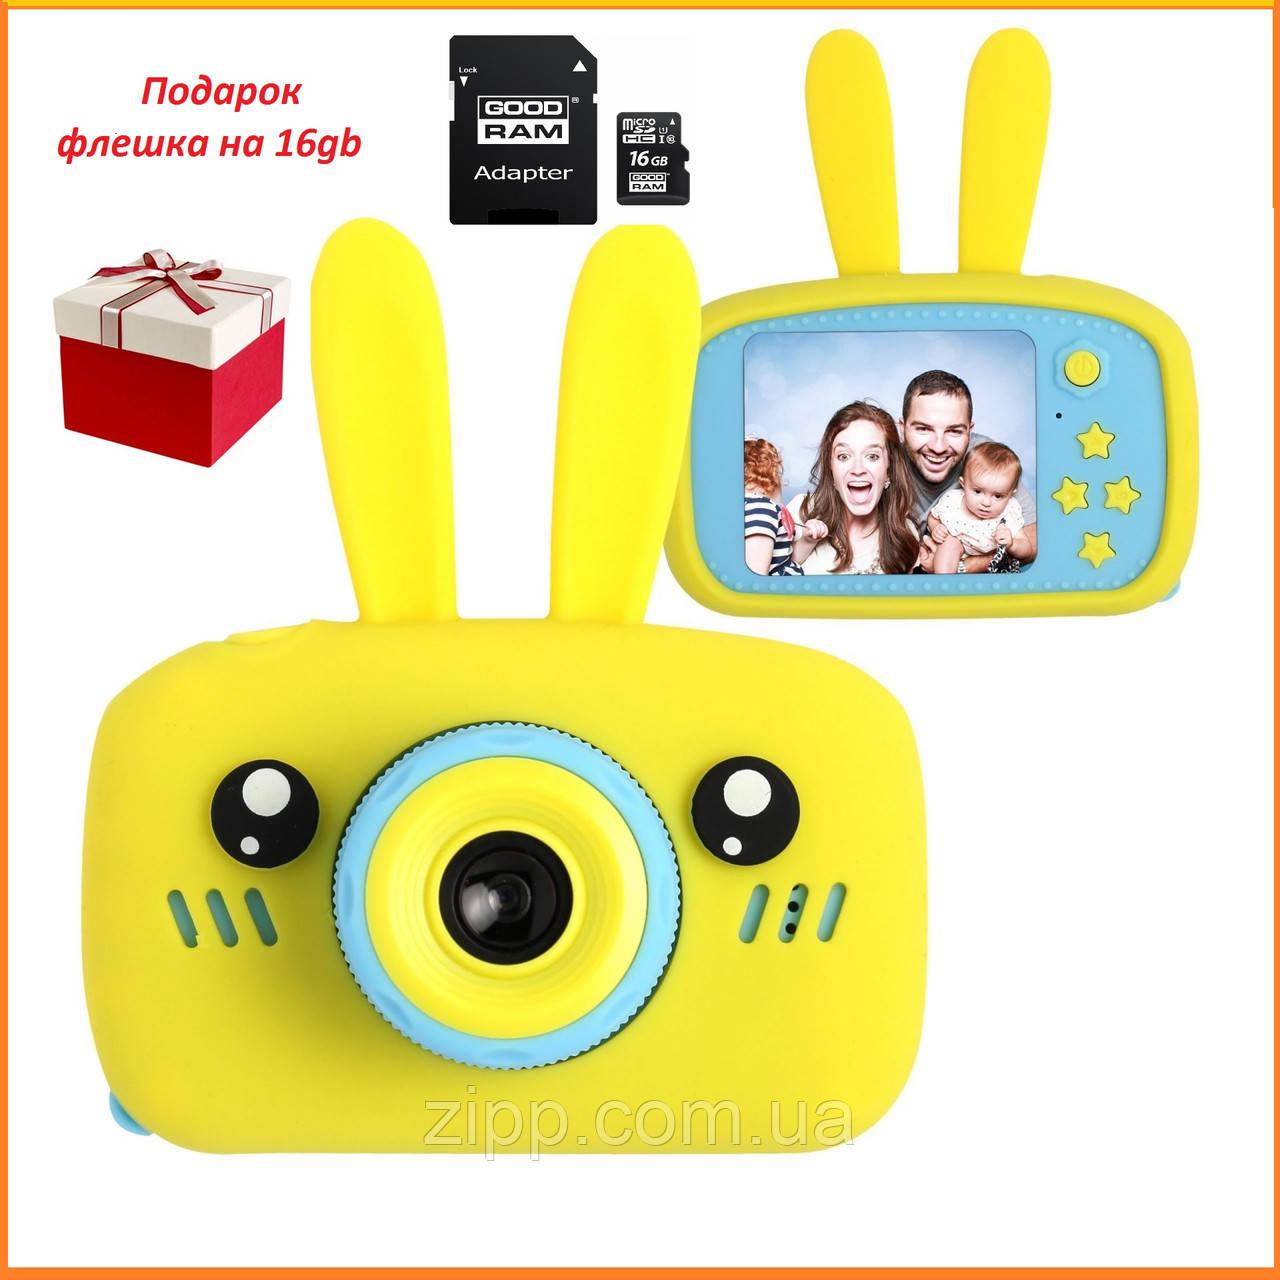 Детский цифровой  фотоаппарат  Rabbit | Детский фотоаппарат  Smart Kids Camera Serie | Детский фотоаппарат